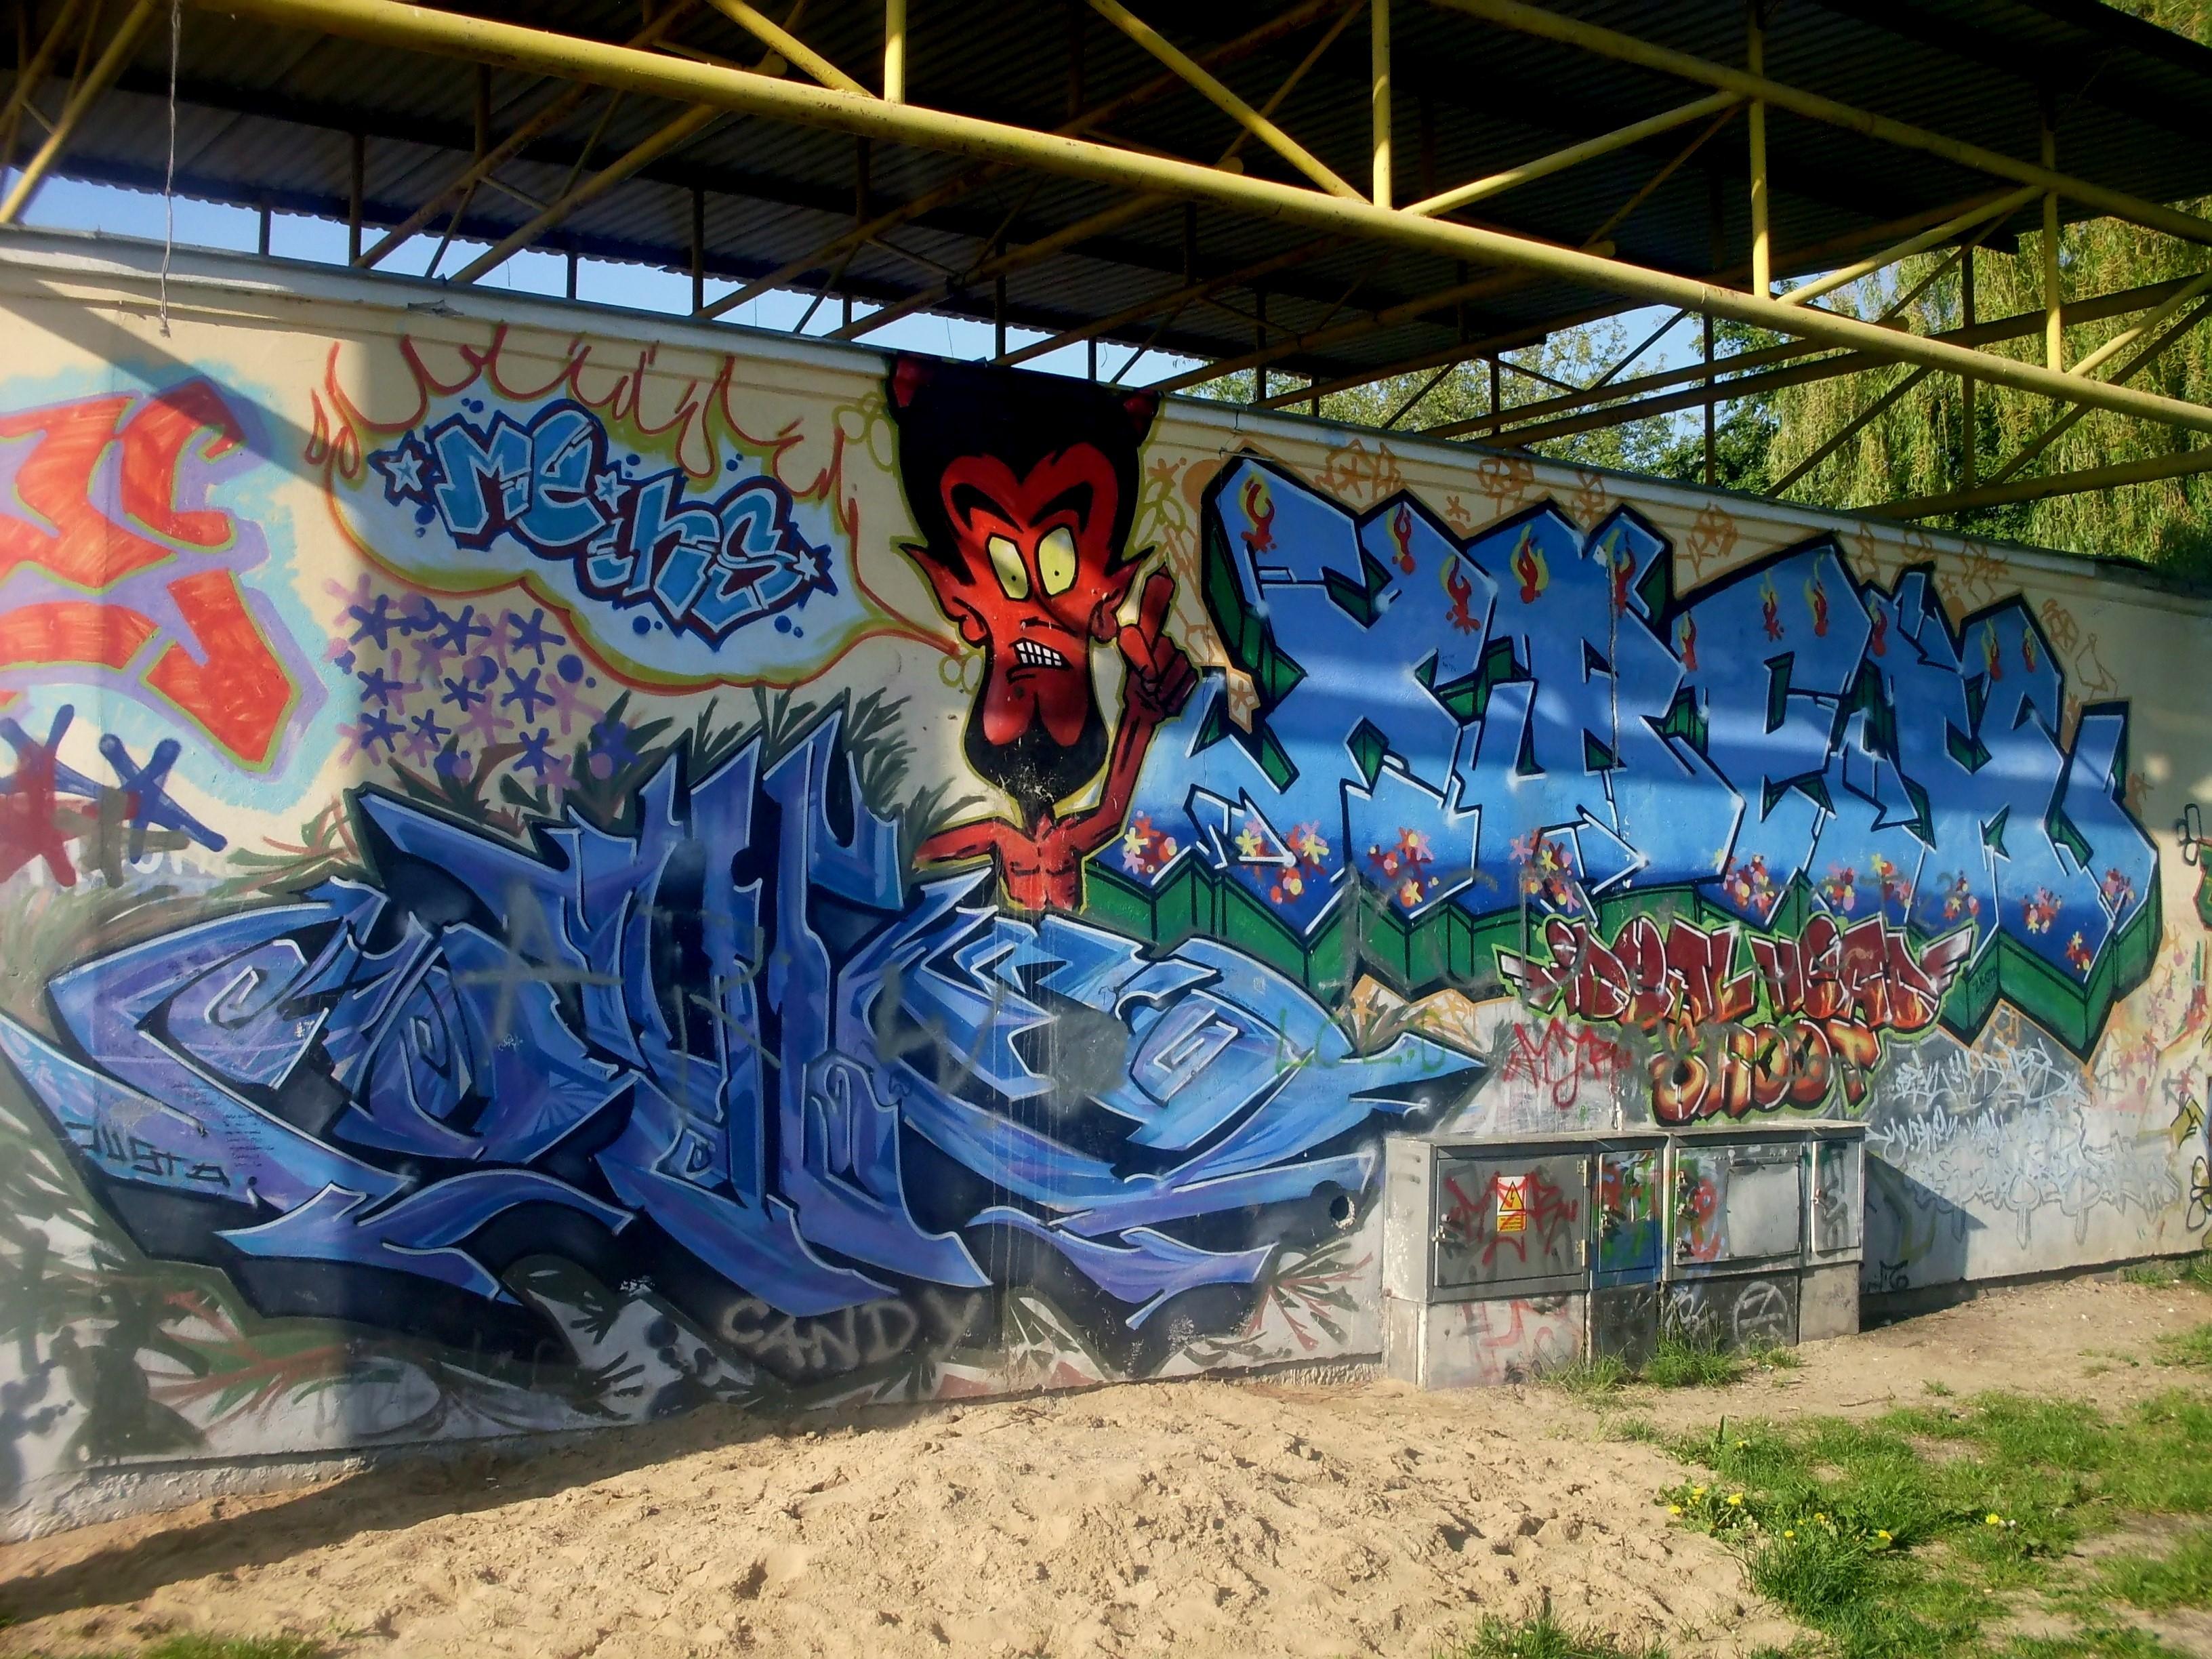 Filegraffiti at city park in gdynia obluze 5 jpg